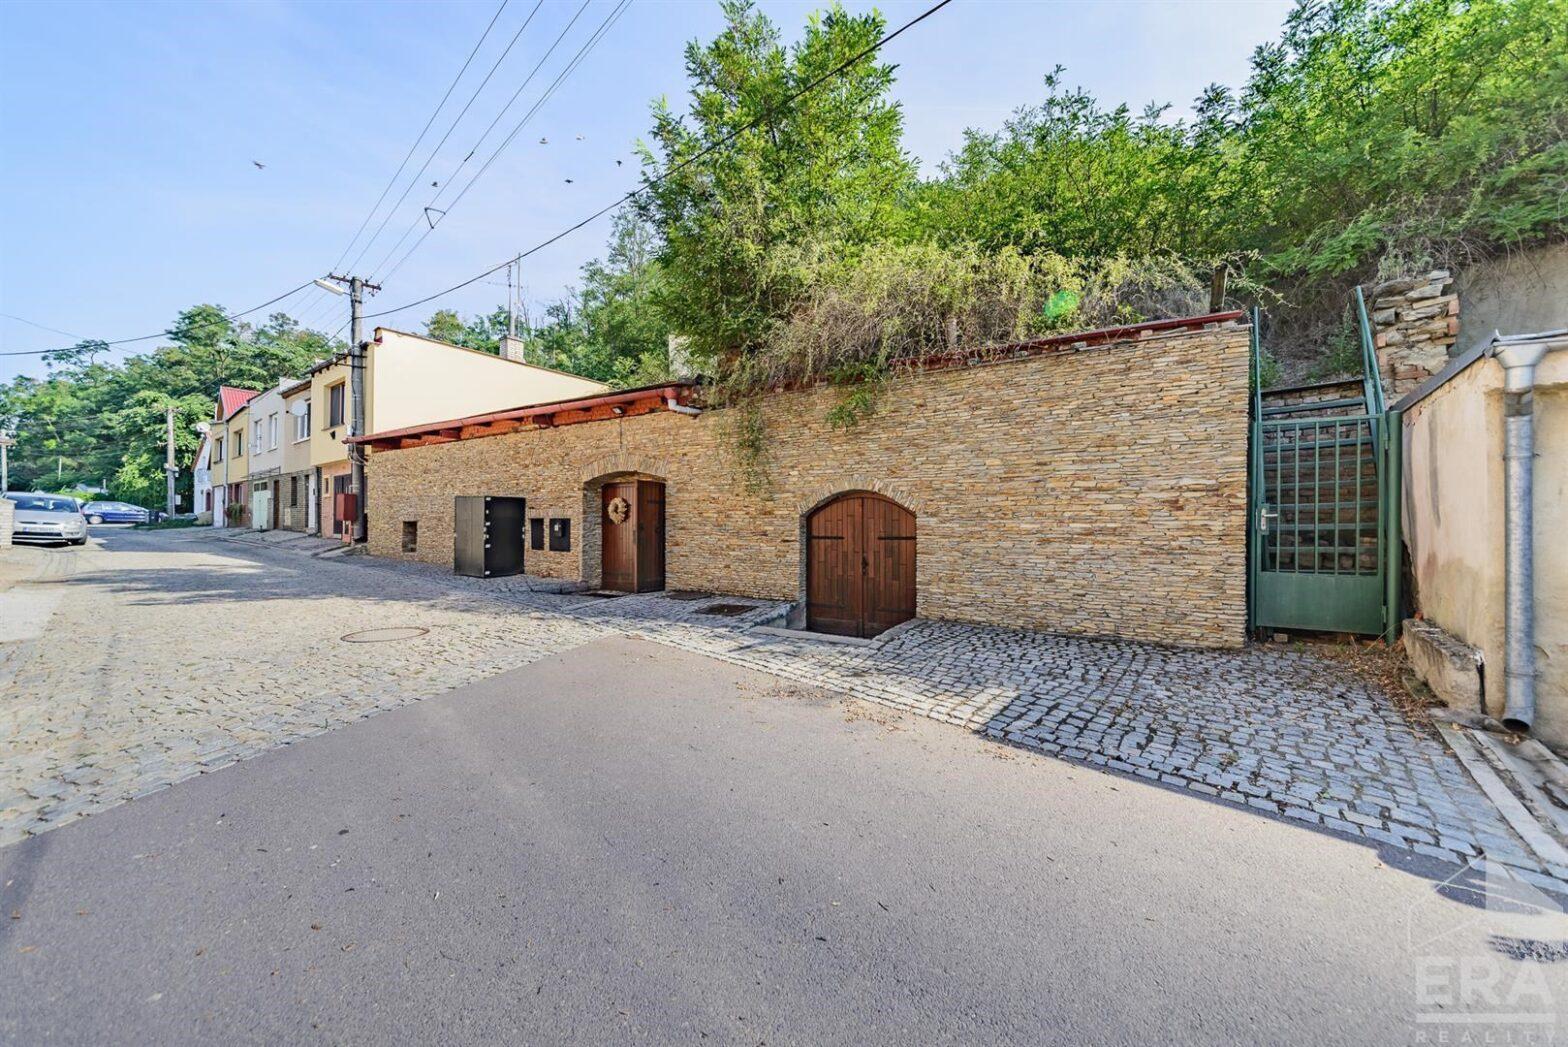 Prodej špičkového sklepního vinařství s UP 720 m2 ve Znojmě